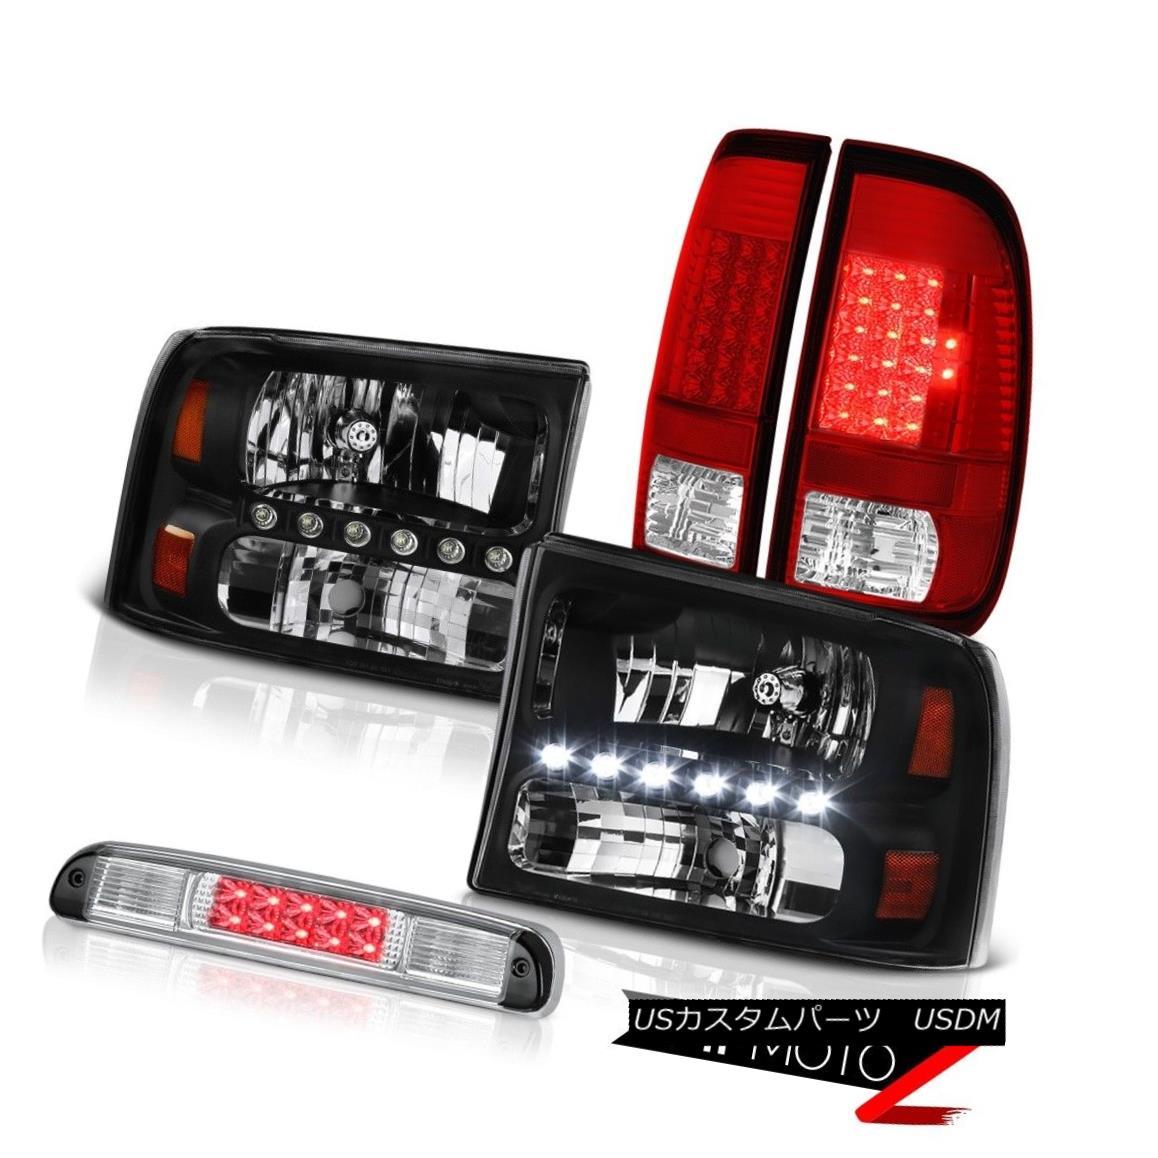 ヘッドライト Black Headlights LED Signal Tail Lights Chrome 3rd Brake 99-04 Ford F250 6.0L ブラックヘッドライトLEDシグナルテールライトクローム第3ブレーキ99-04 Ford F250 6.0L